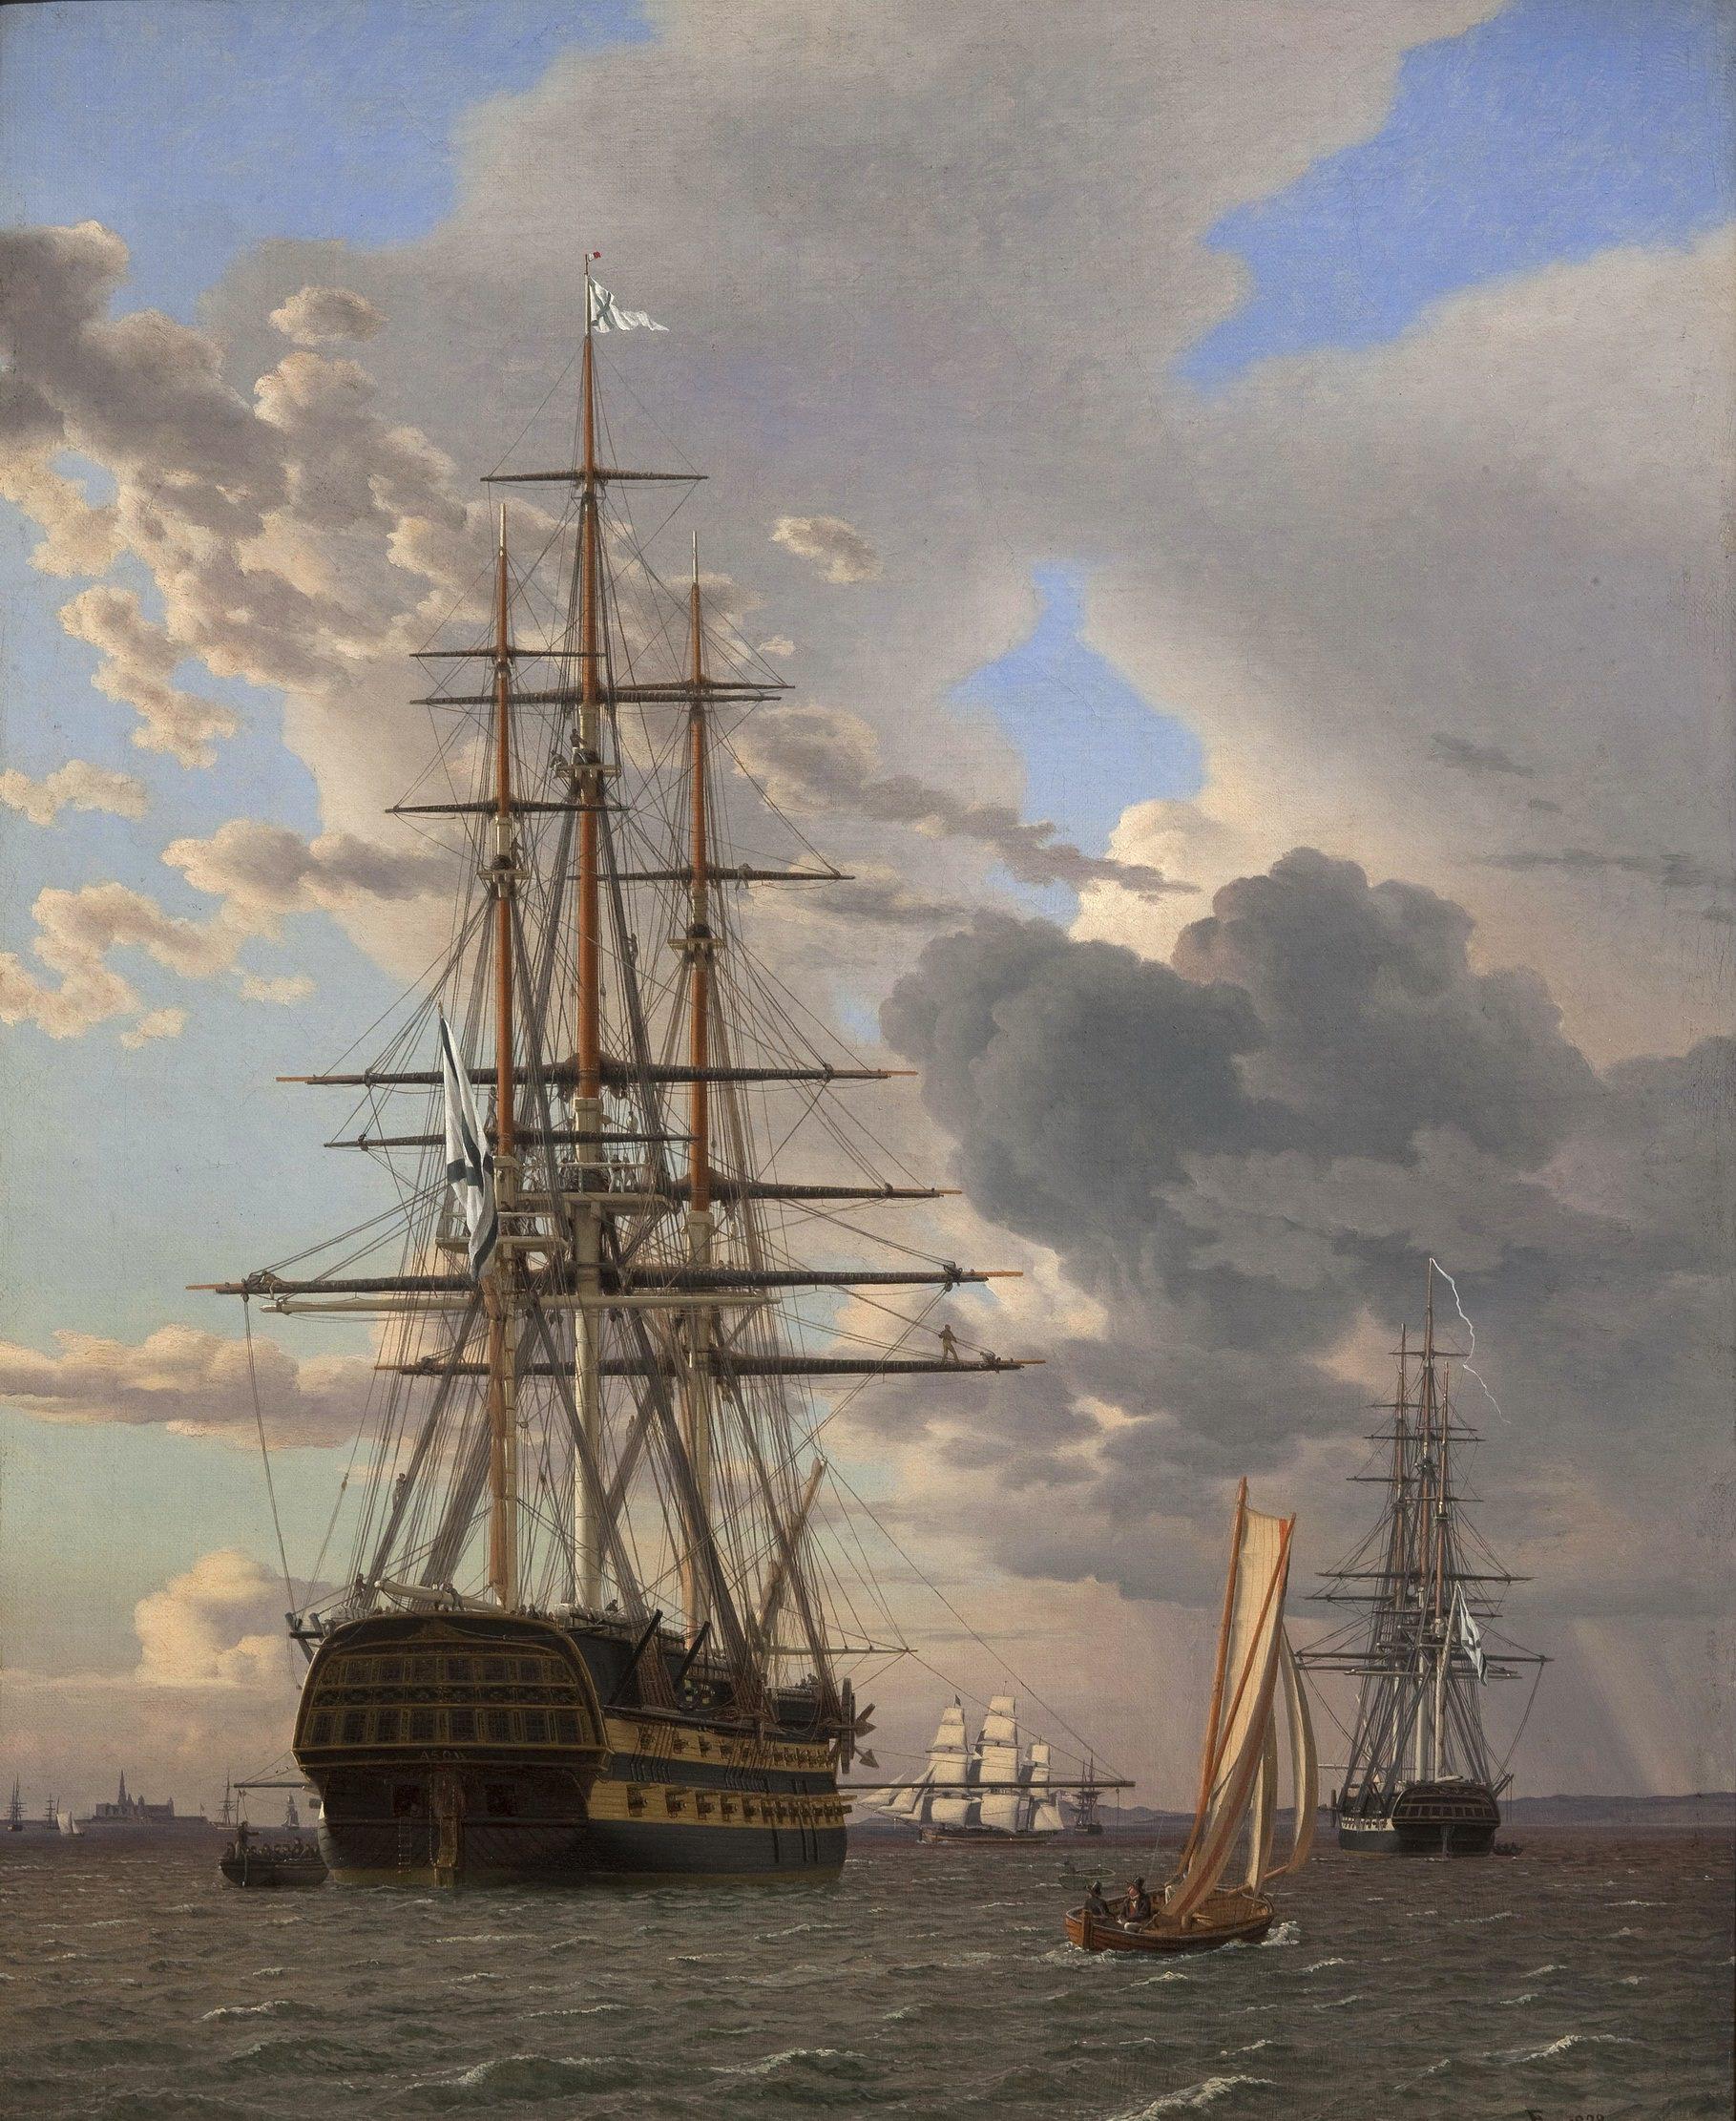 Эккерсберг, Кристоффер Вильхельм (1783-1853) - Русский линейный корабль Азов и фрегат на якоре на пути в Хельсингёр. 1828. Копенгаген, Датская национальная галерея